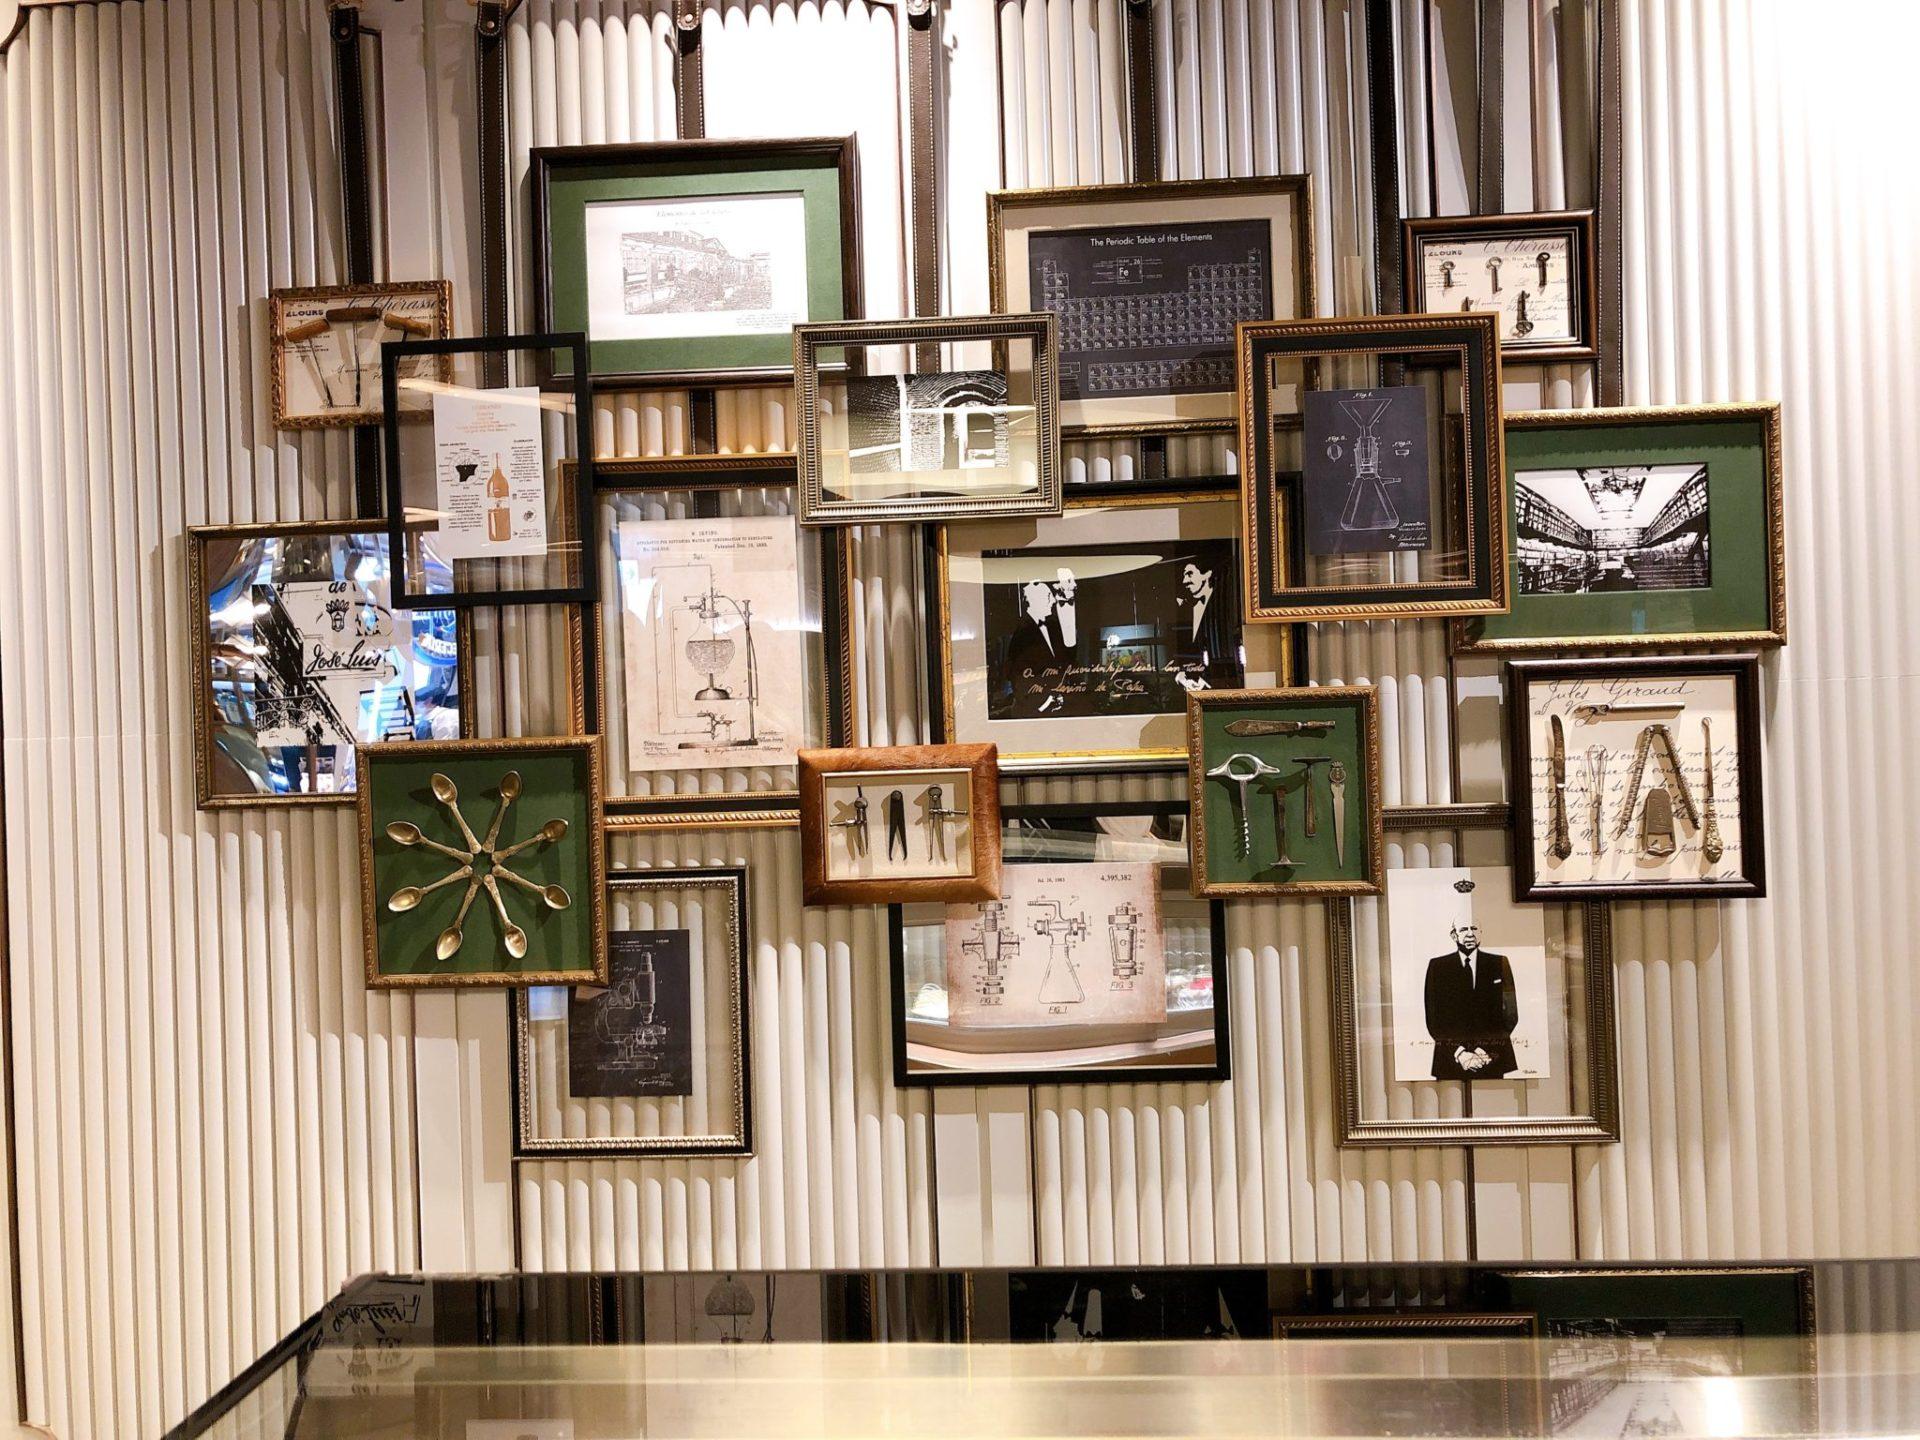 ホセ・ルイス 渋谷スクランブルスクエア店の写真